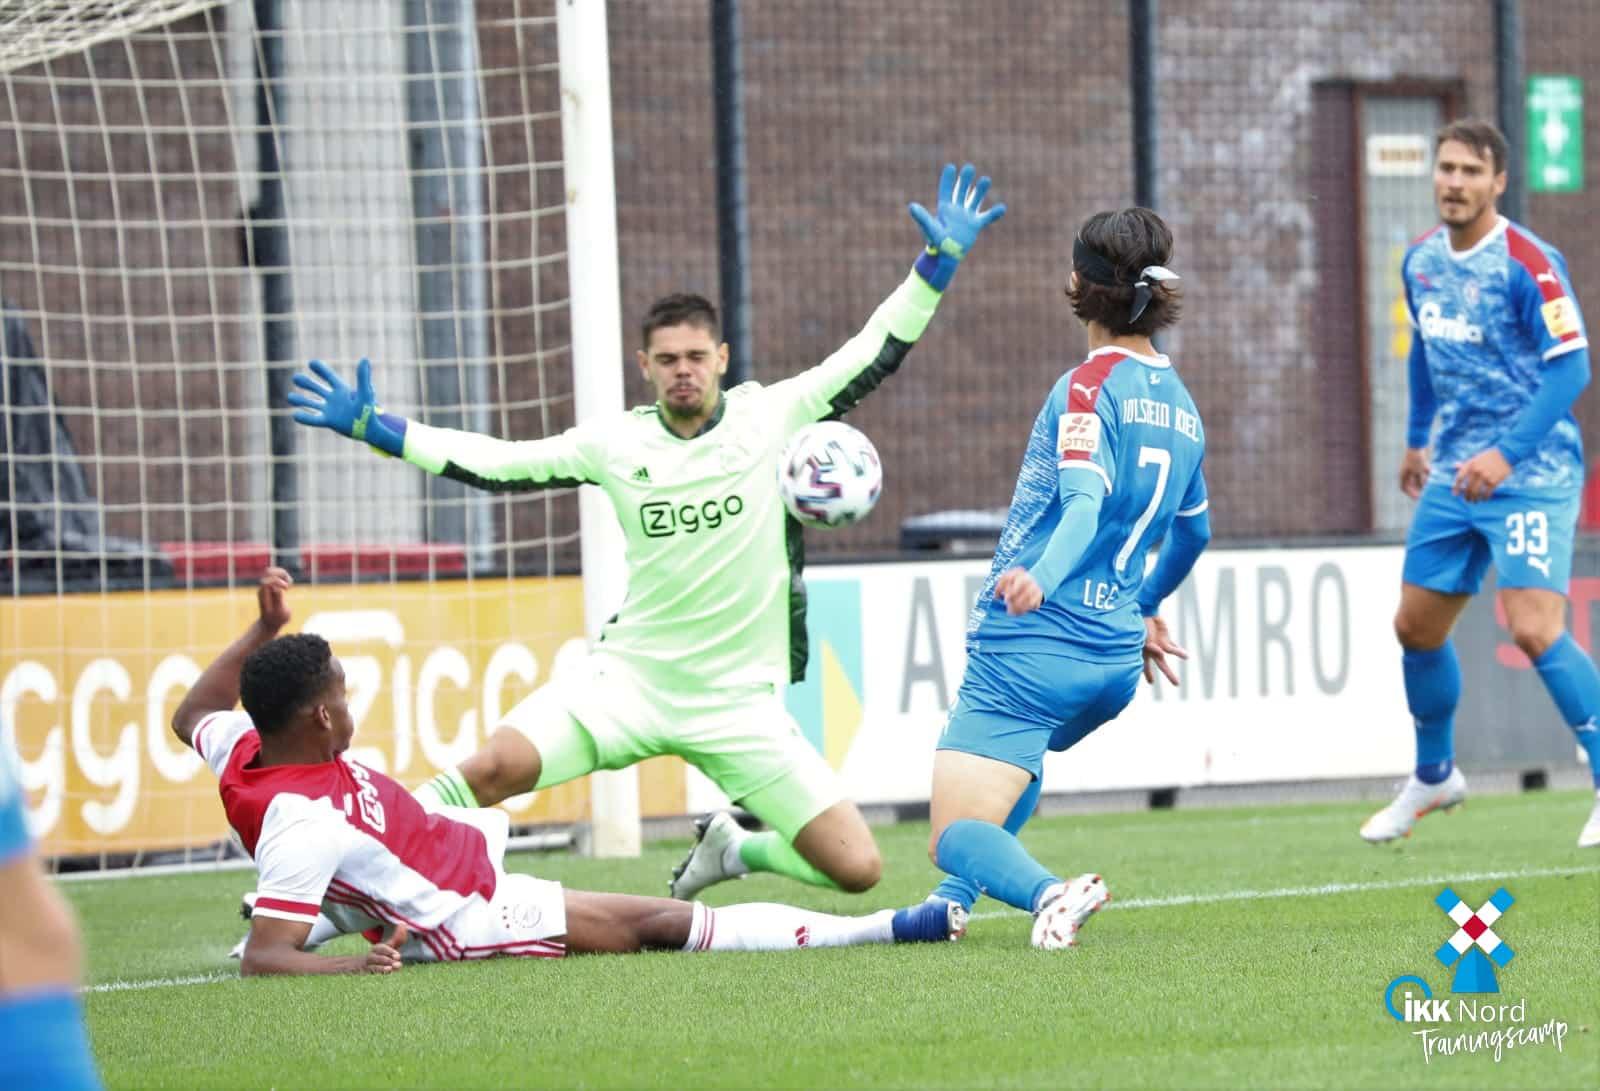 Ksv Unterliegt Im Test Bei Ajax Amsterdam Kieler Sportvereinigung Holstein Von 1900 E V